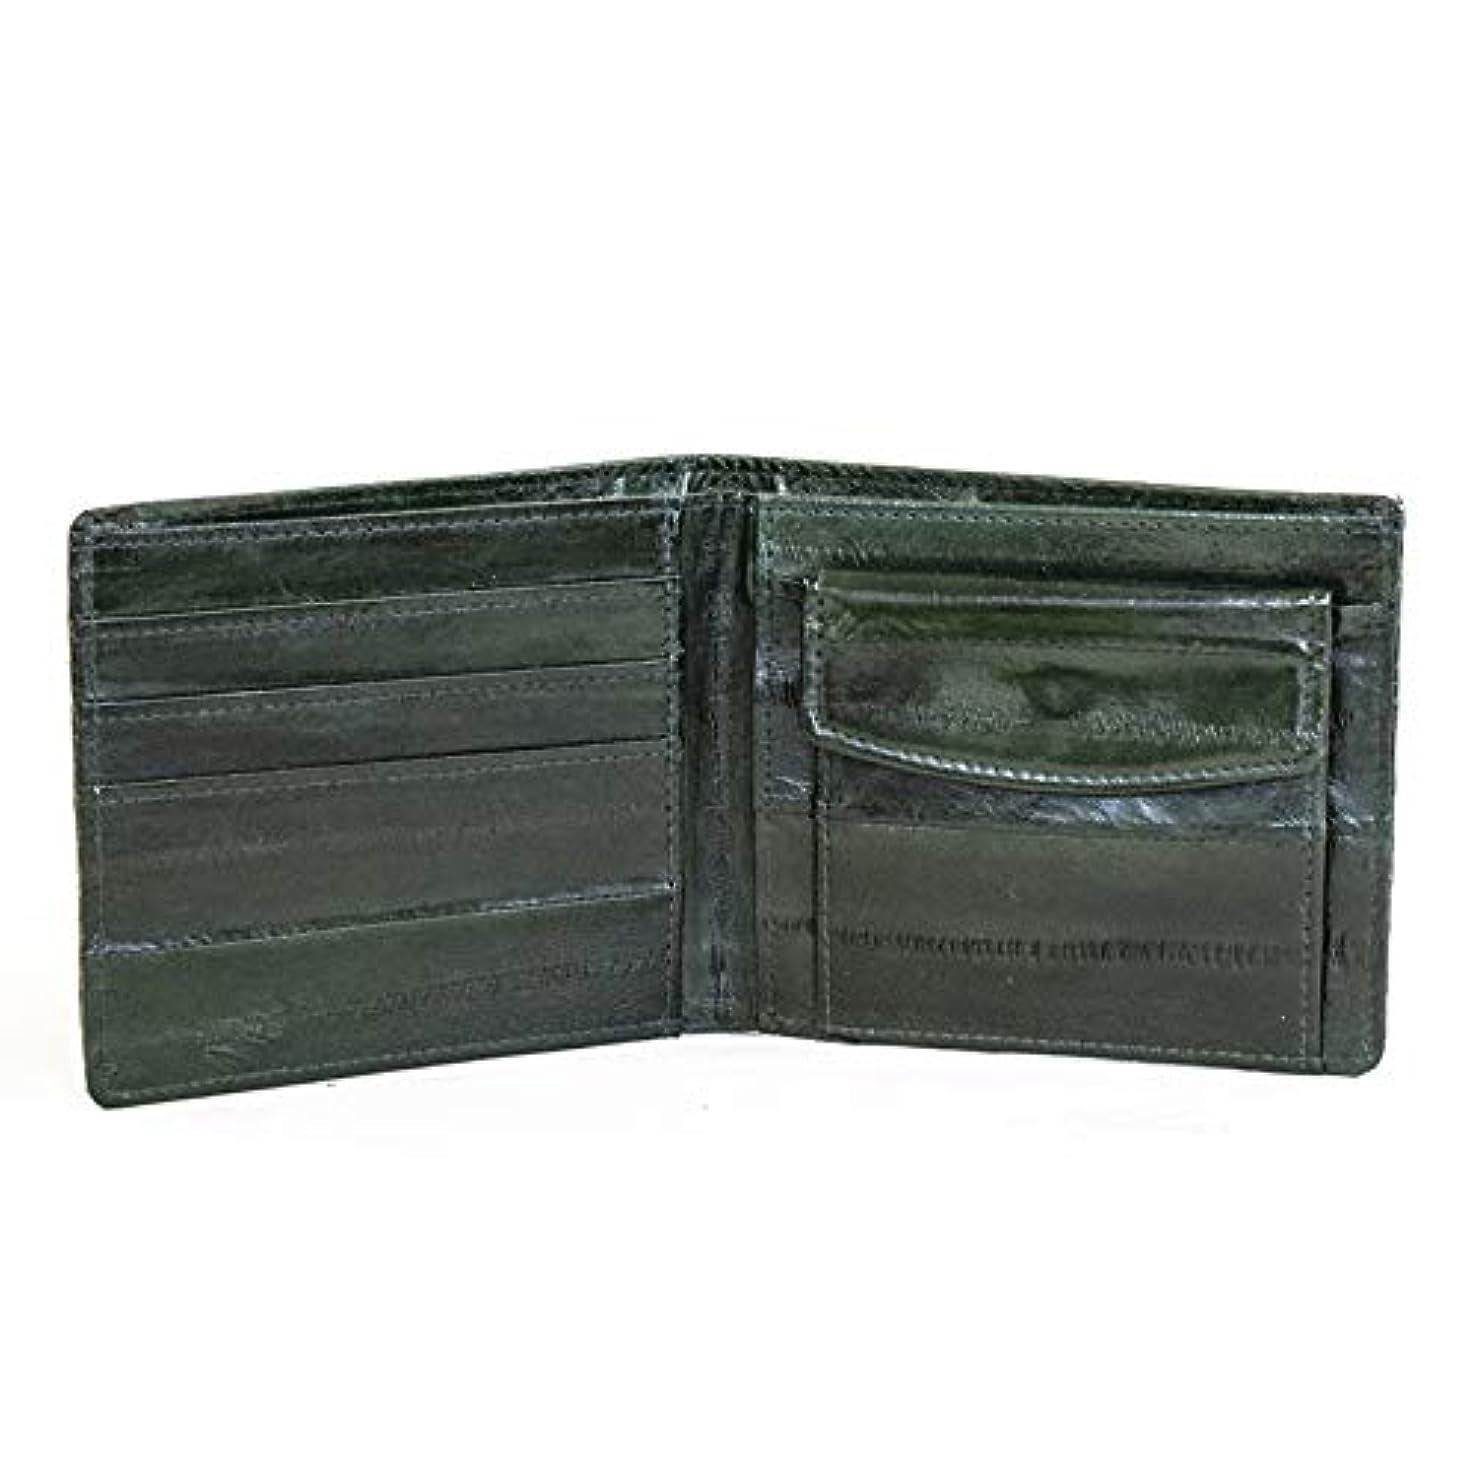 かすれた見分ける言い換えると名入れ可 二つ折り財布 薄マチ 薄型 レザー 本革 (Dark green)